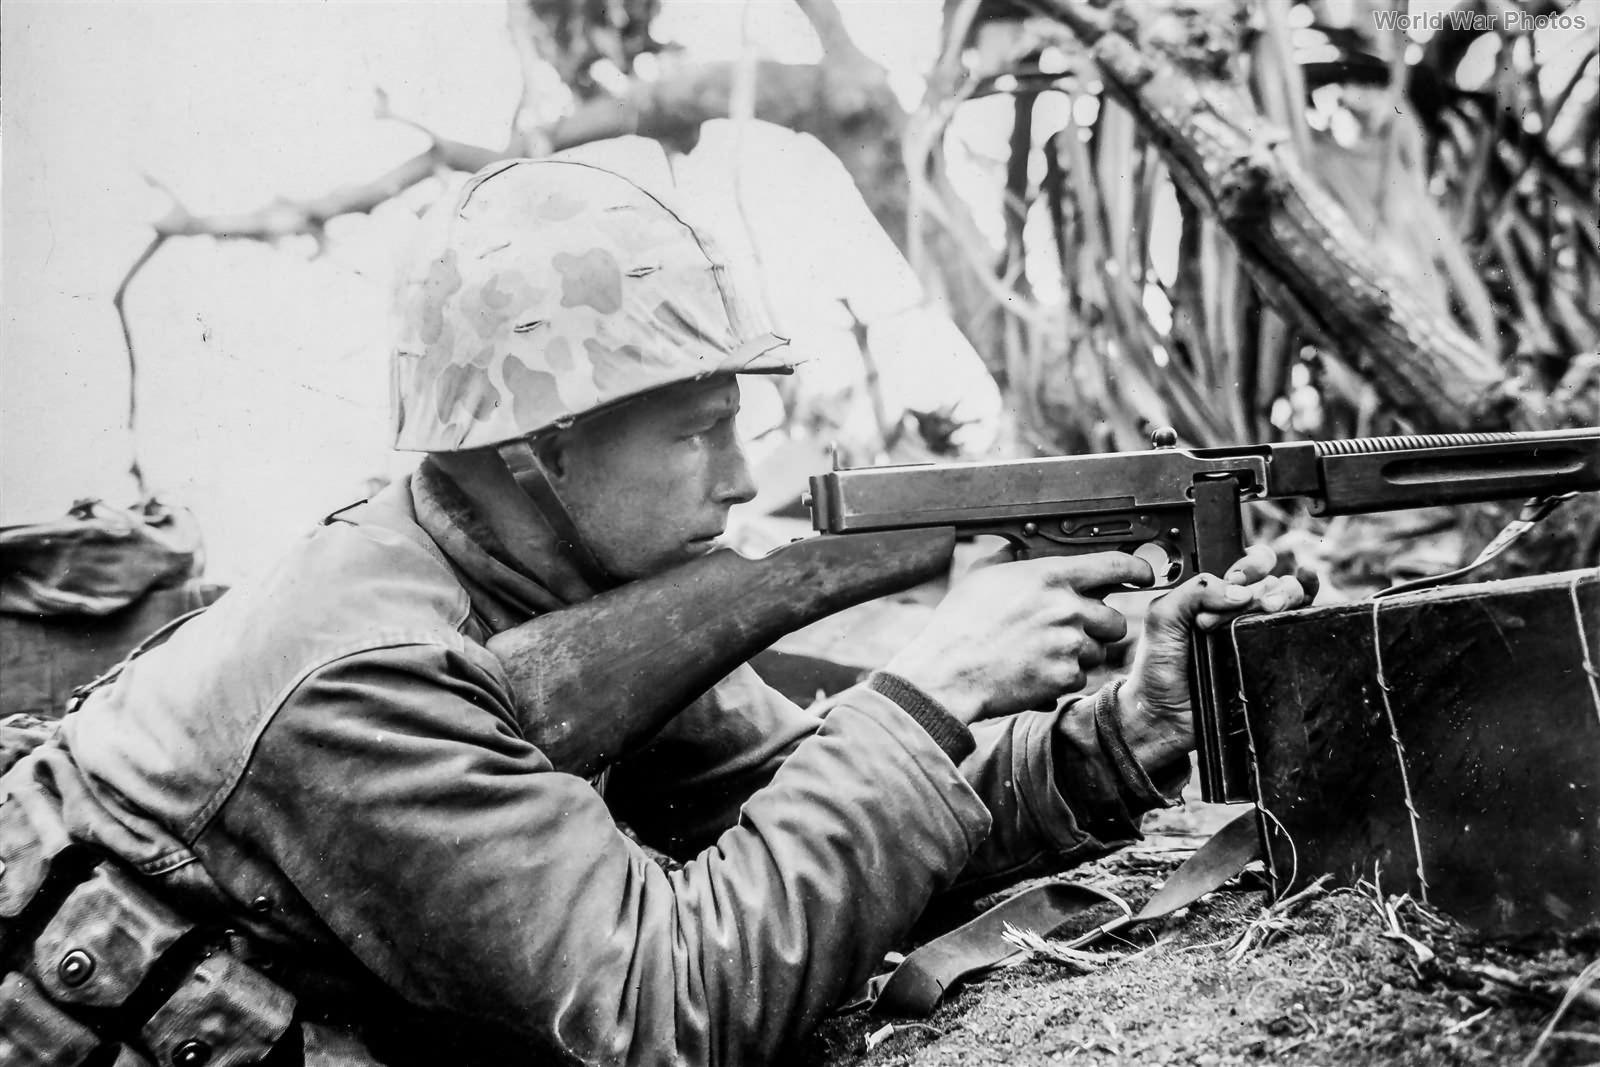 Marine Tommy Gunner in Firefight on Iwo Jima 23feb45